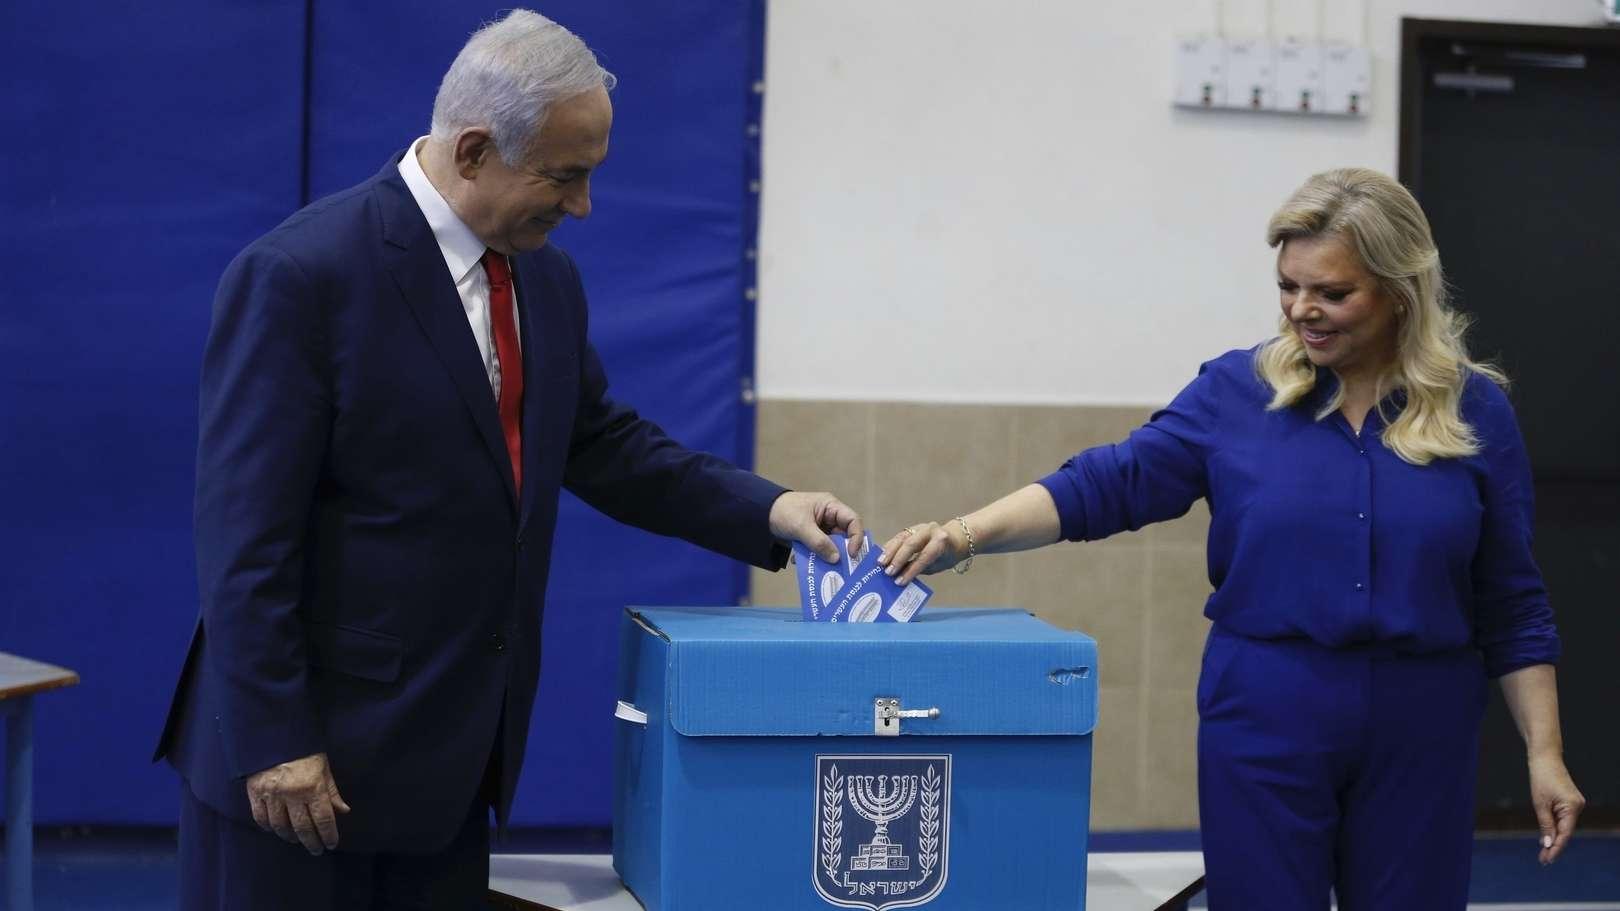 Der israelische Ministerpräsident Benjamin Netanjahu und seine Frau Sara bei der Stimmabgabe in Jerusalem.